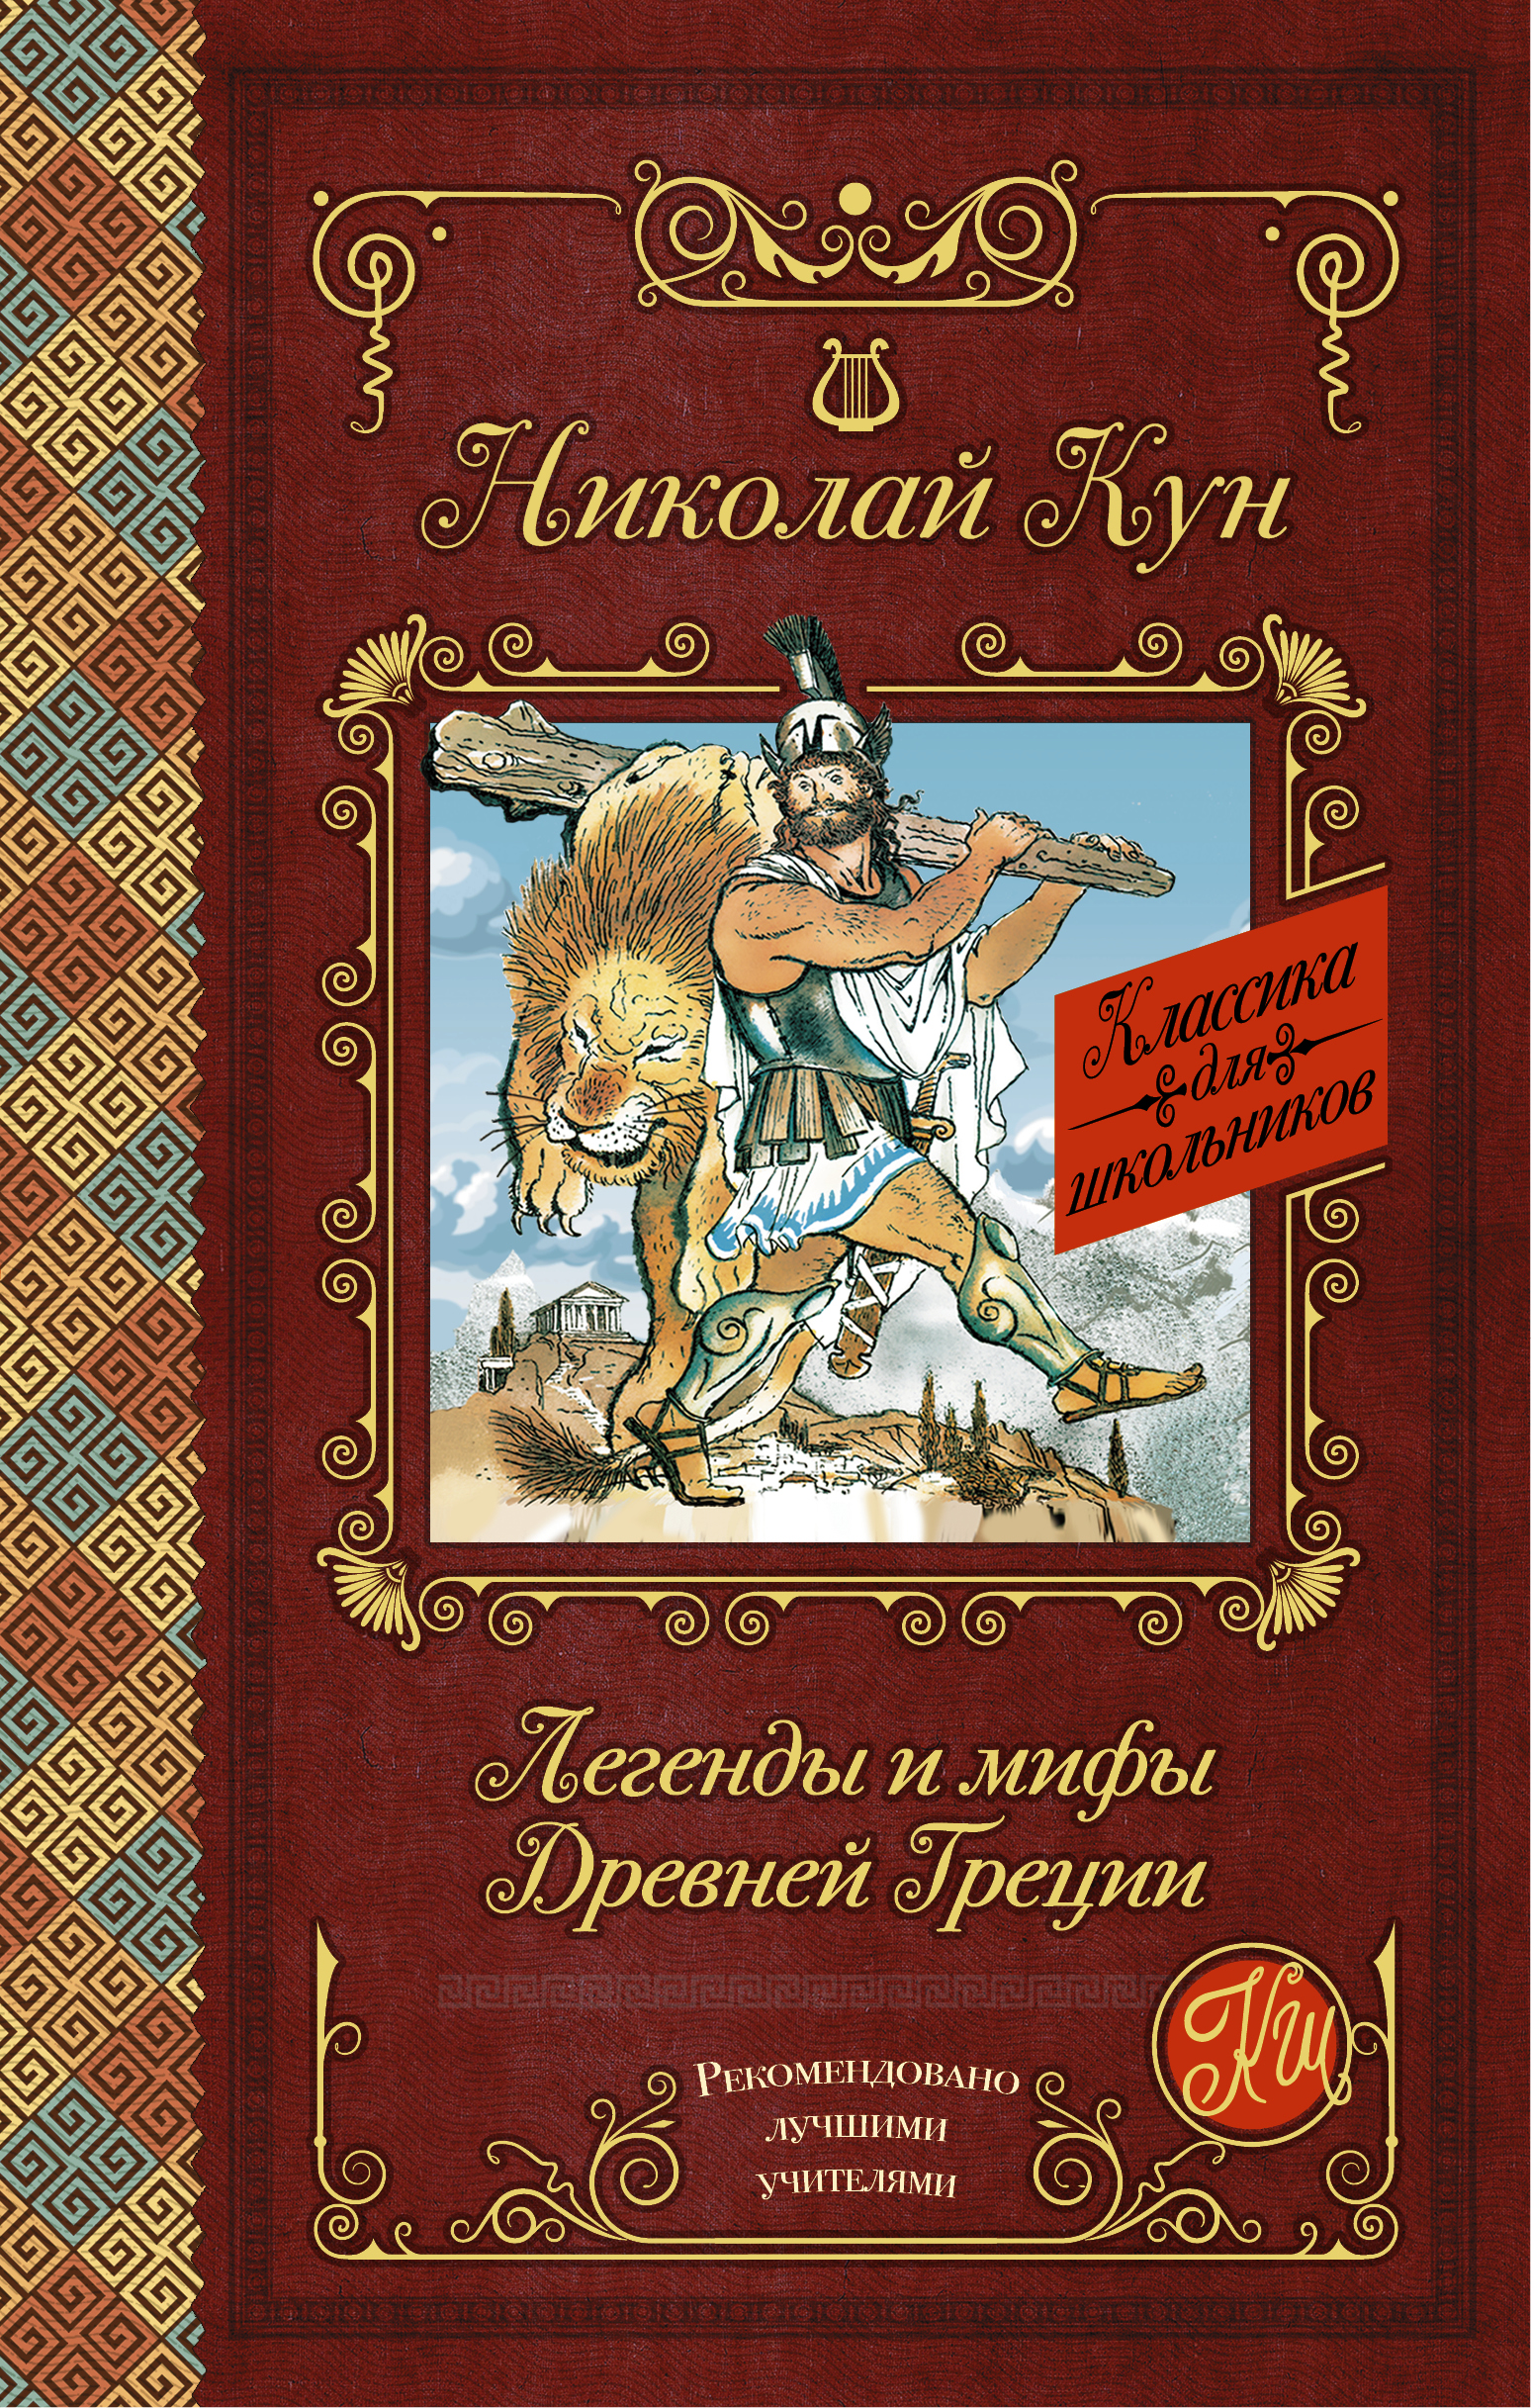 Кун Н.А. Легенды и мифы Древней Греции крем из греции